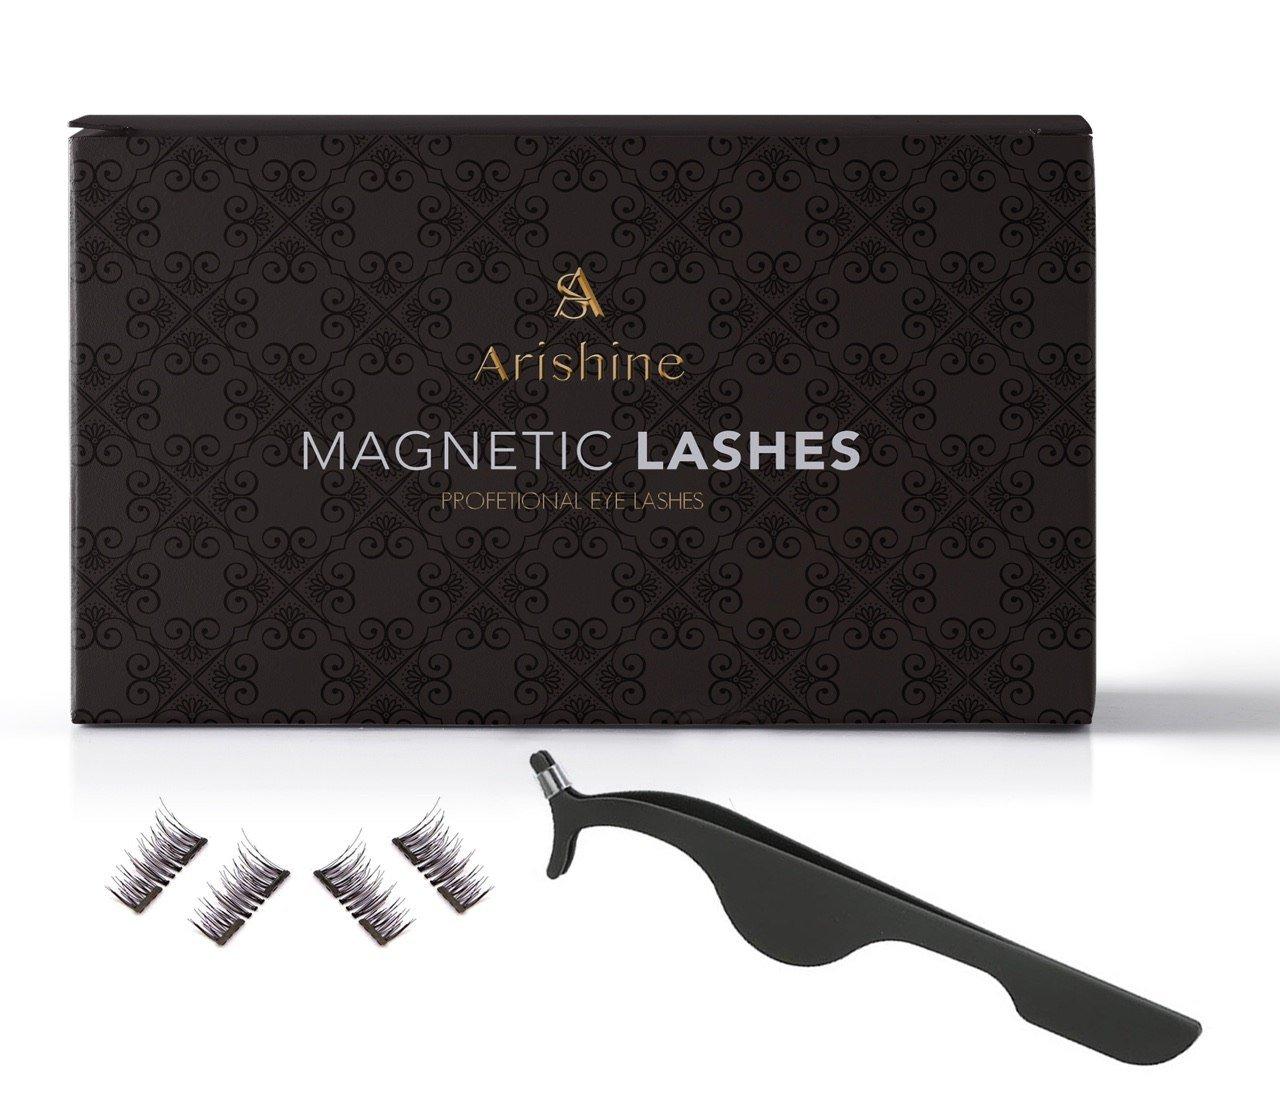 Magnetic Eyelashes Arishine Reusable eyelashes Image 1